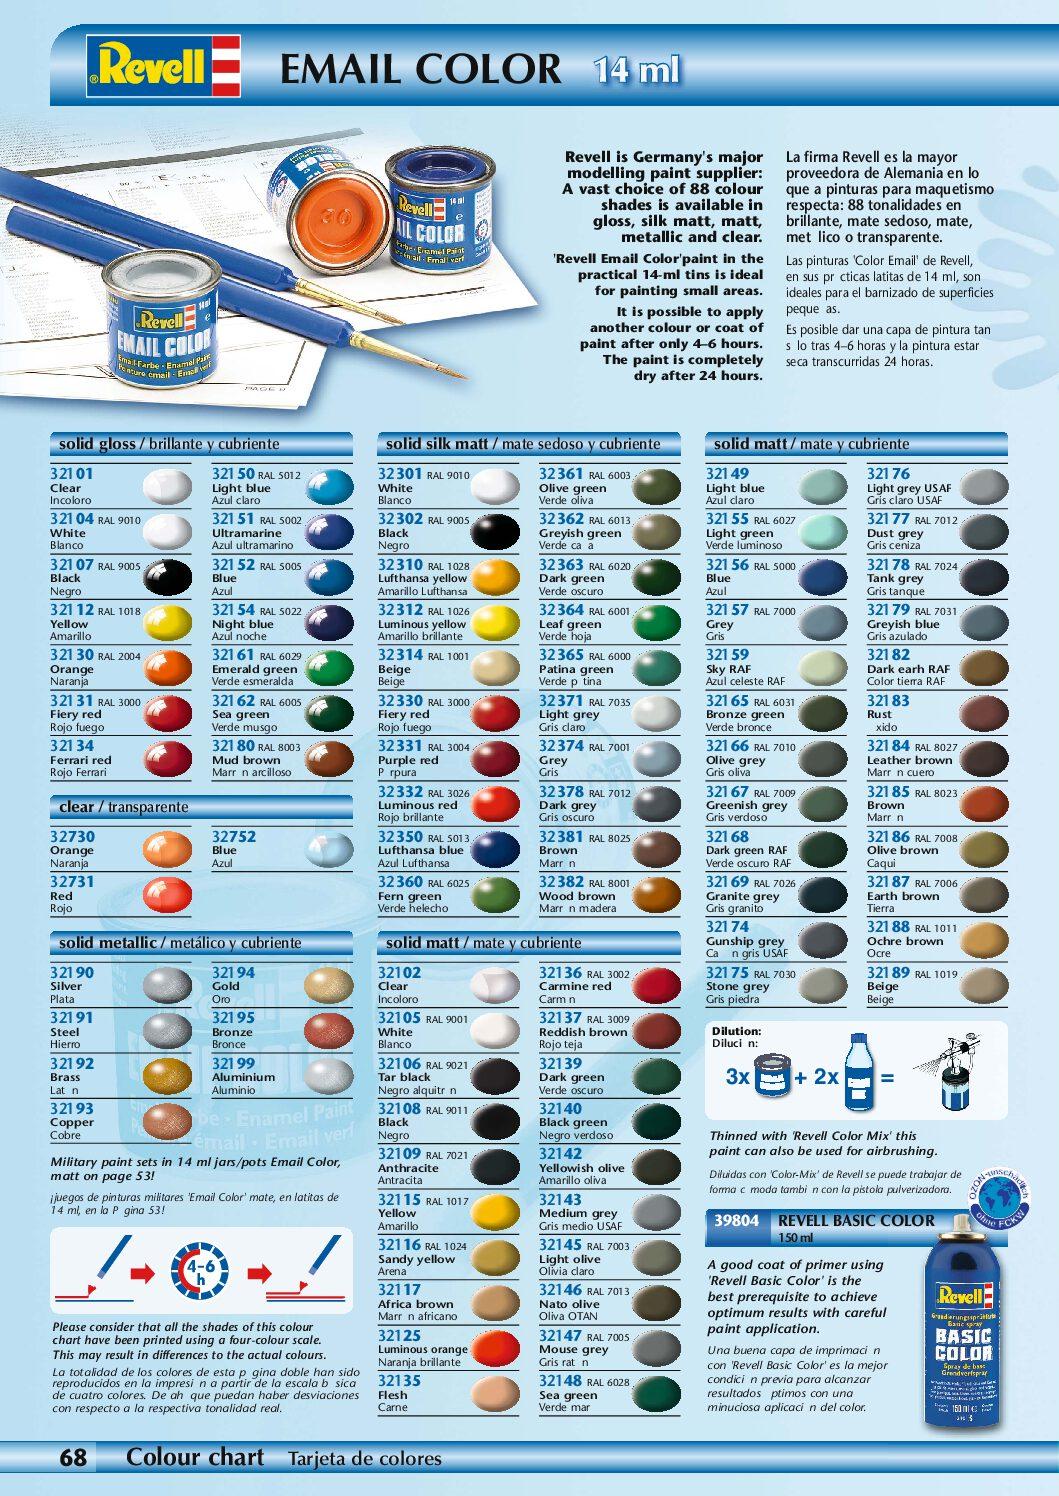 Revell 730 oranje clear modelbouwverf en hobbyverf Revell Color enamel verf 14 ml 32730